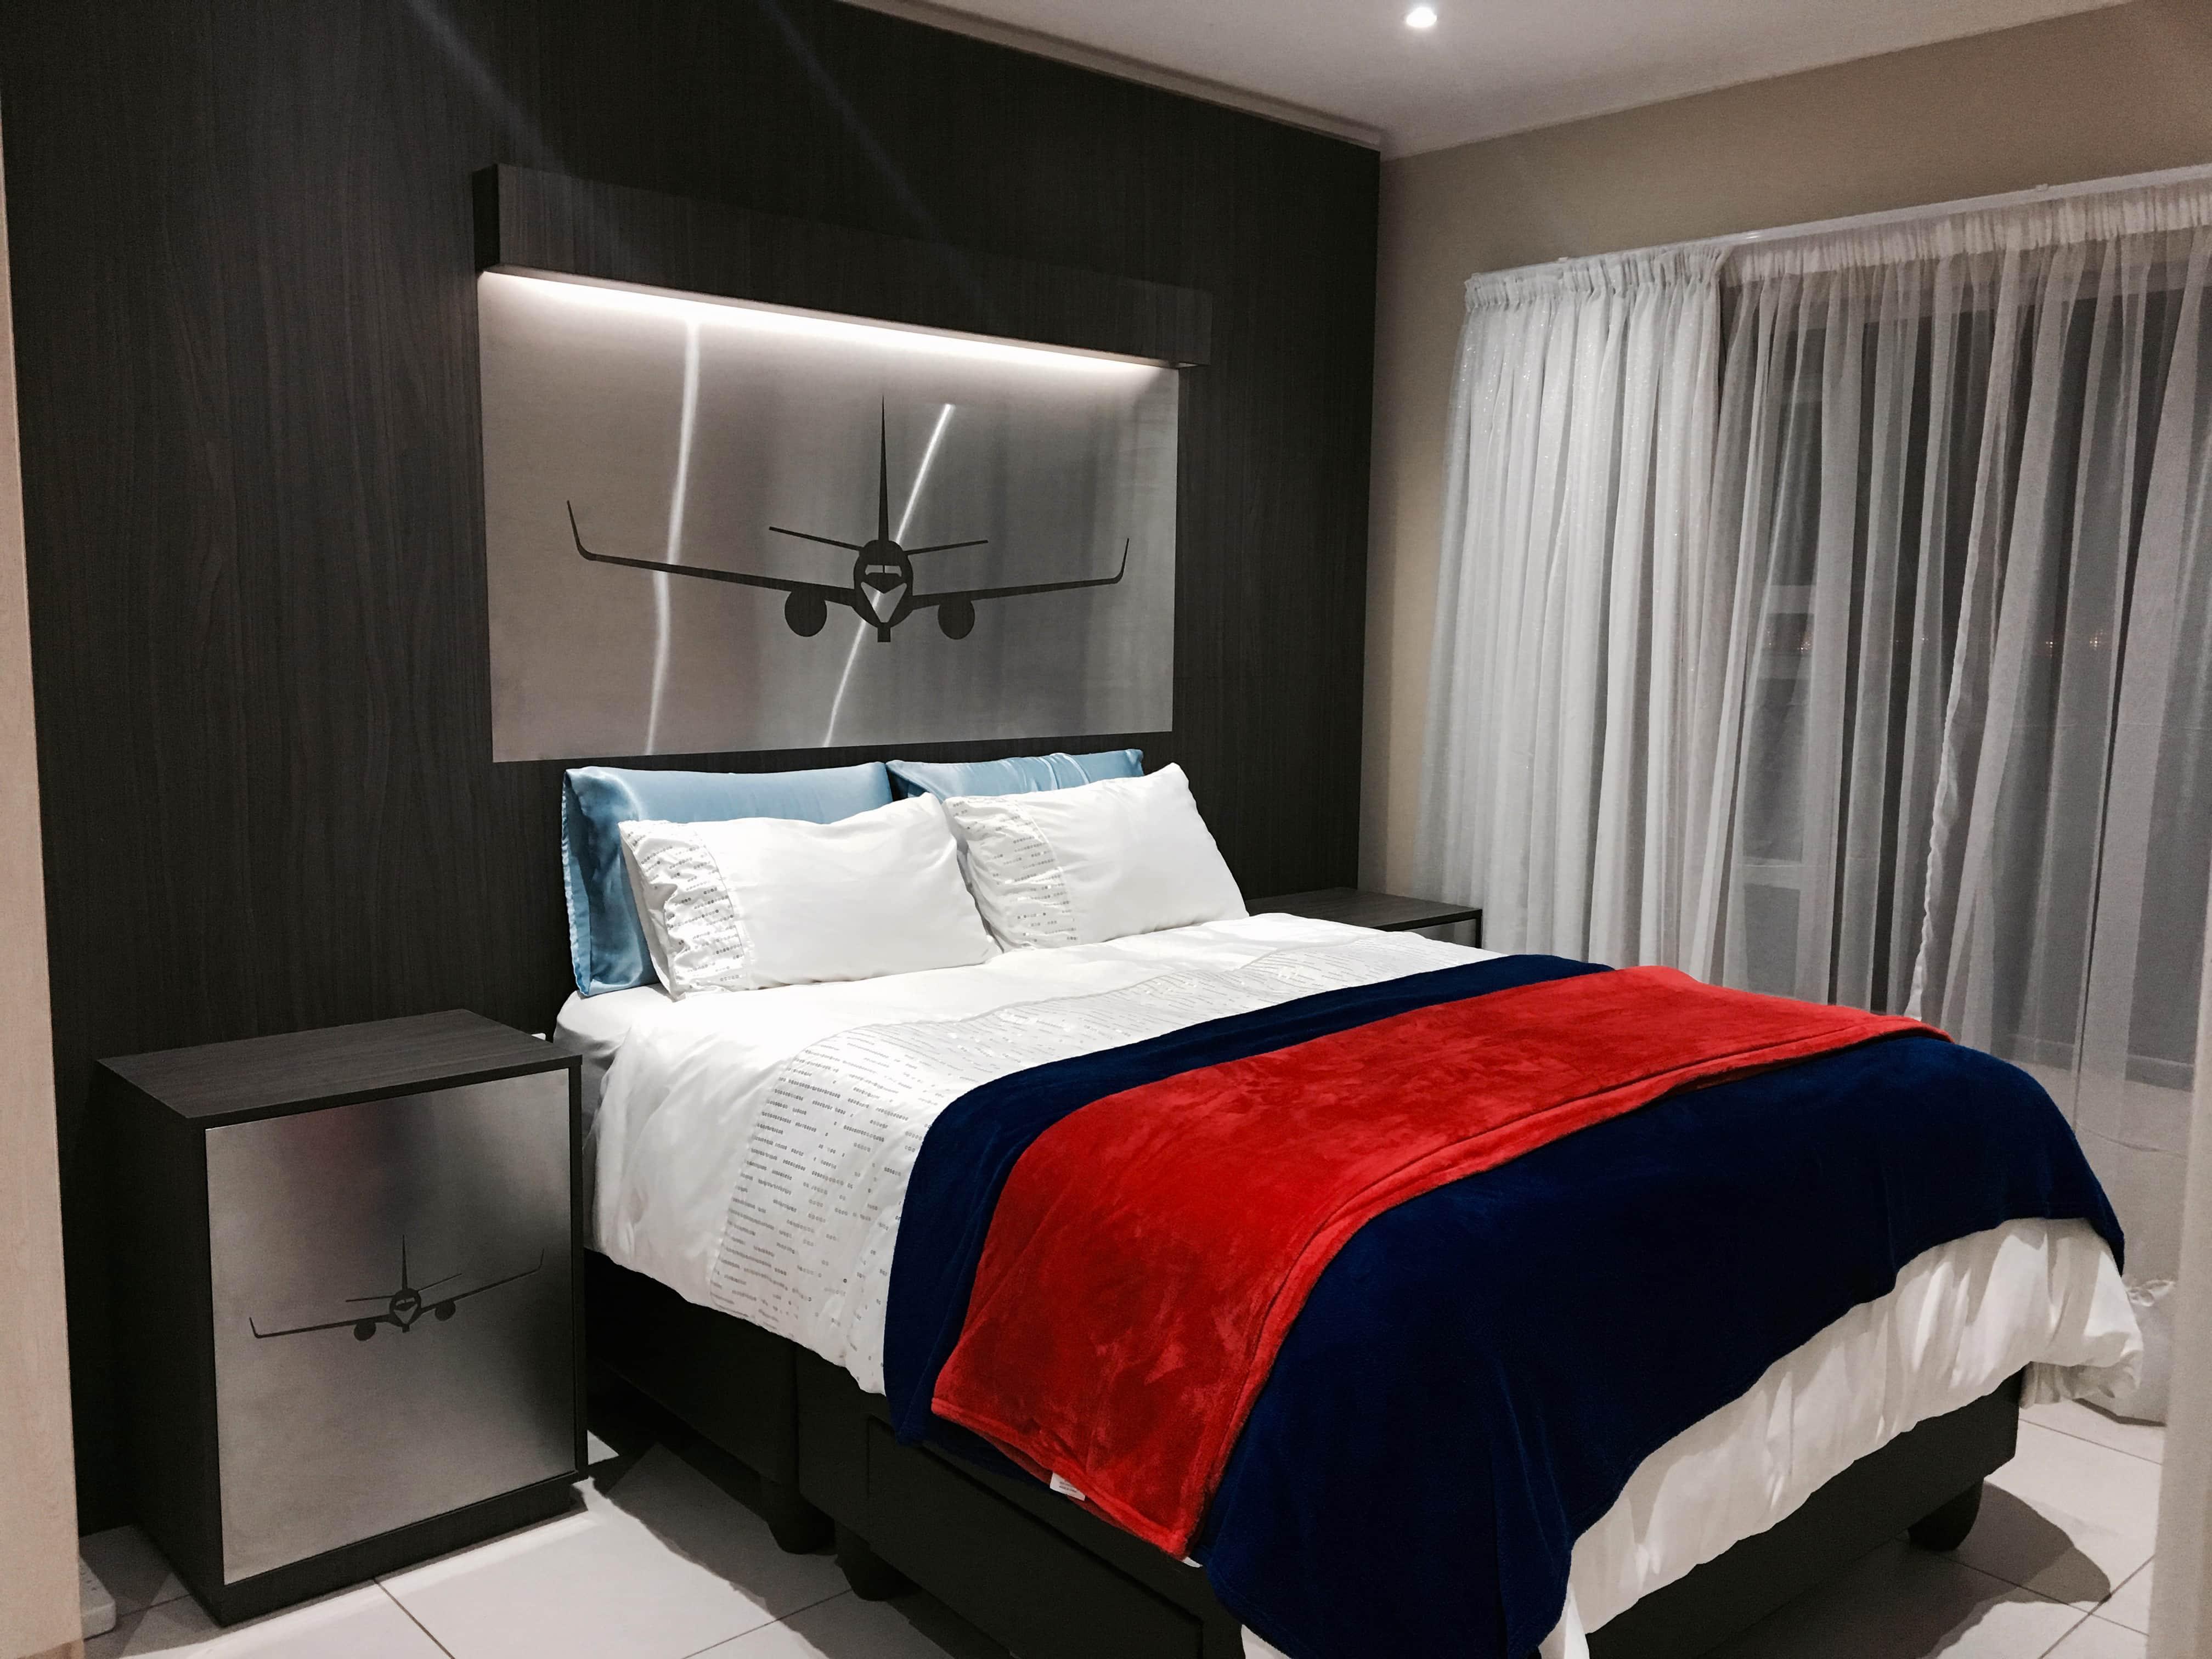 Design Furniture - Bedroom